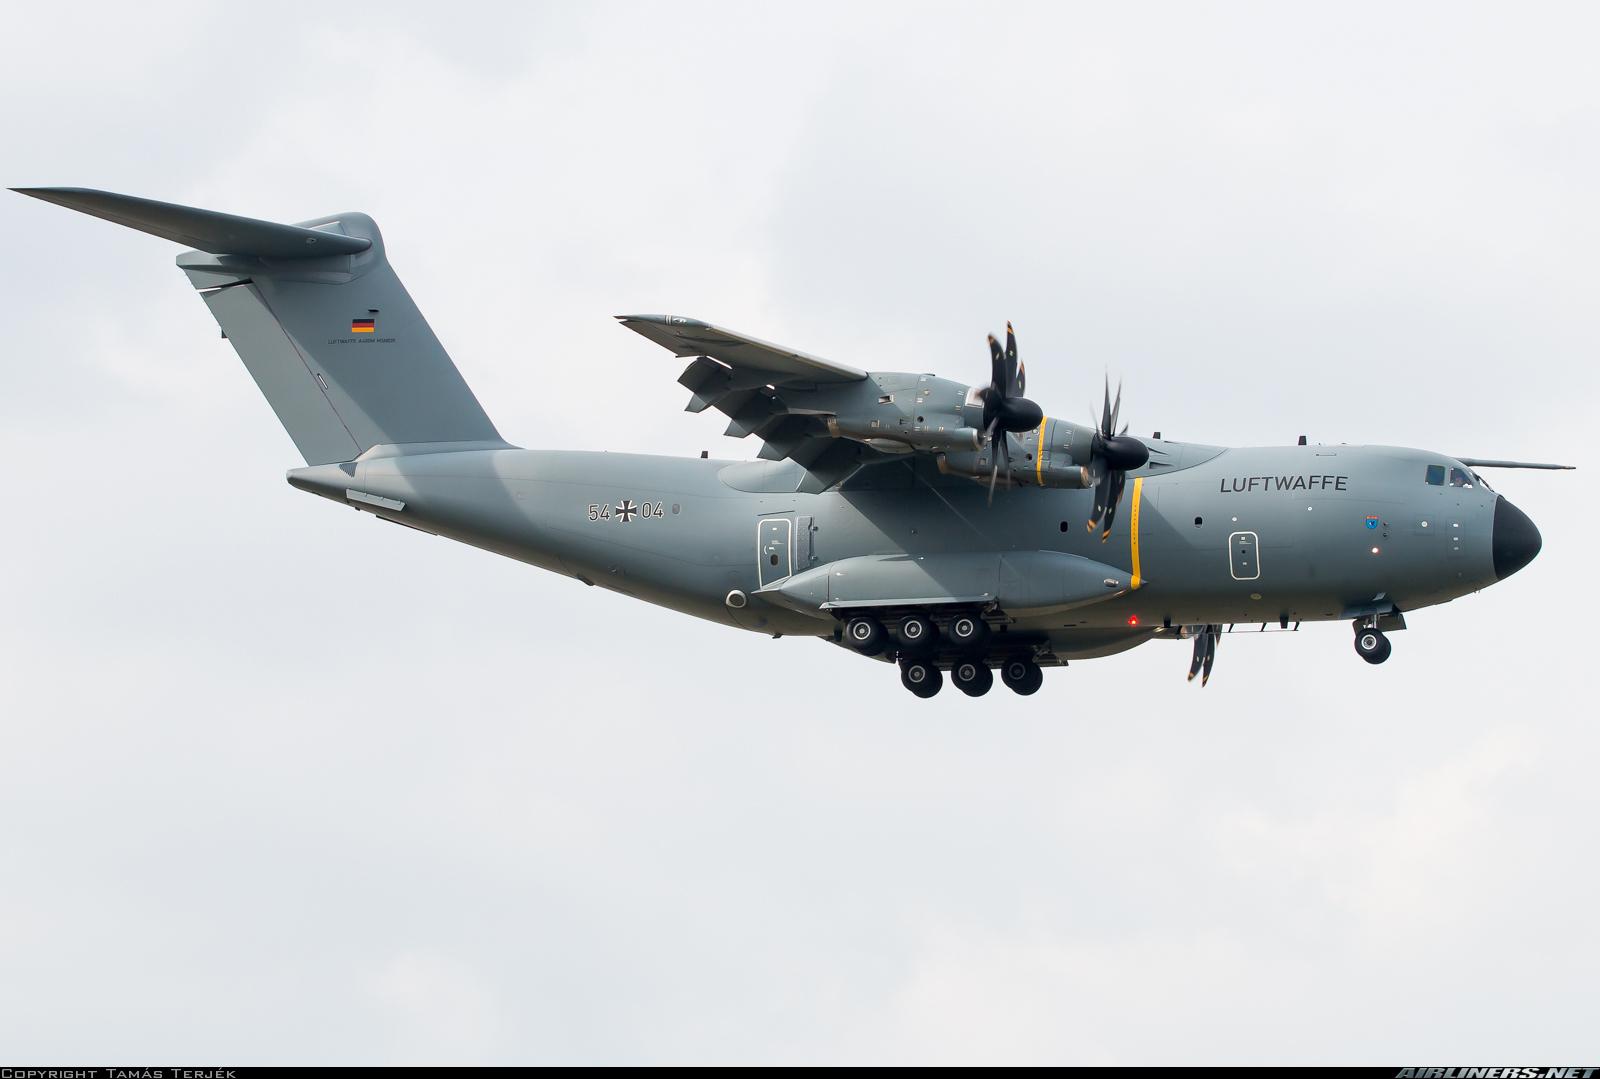 Военно-транспортный самолет Airbus А400 Atlas ВВС ФРГ (бортовой номер 54+04, серийный номер 035), 16.09.2016